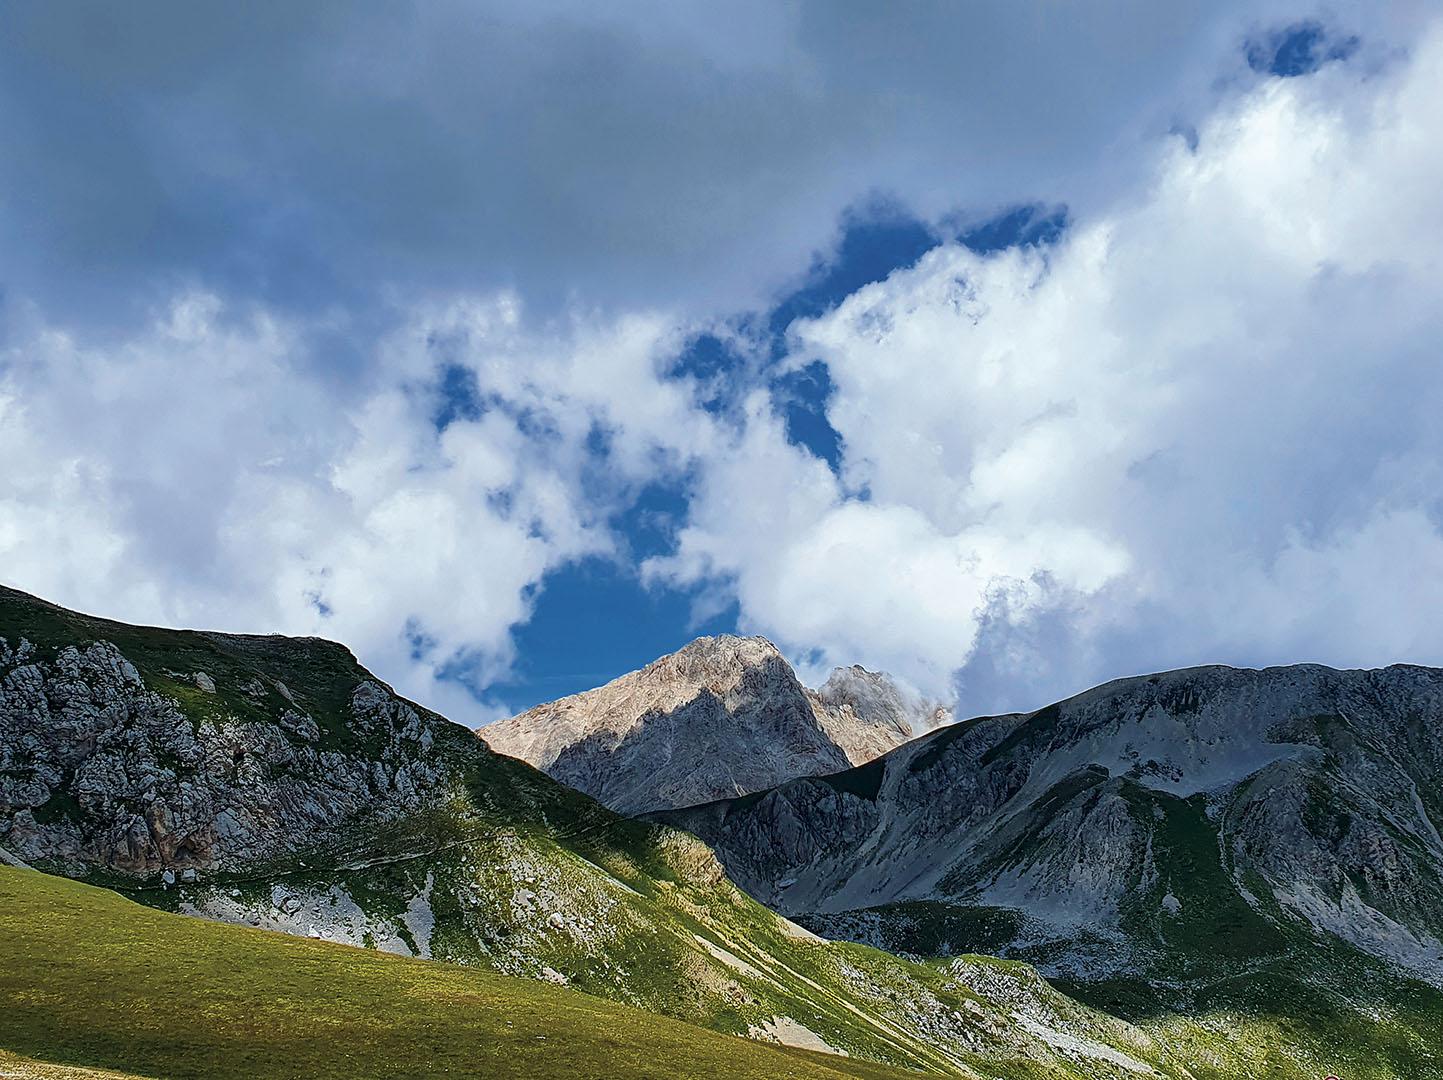 Mountains_127_Mountains_4